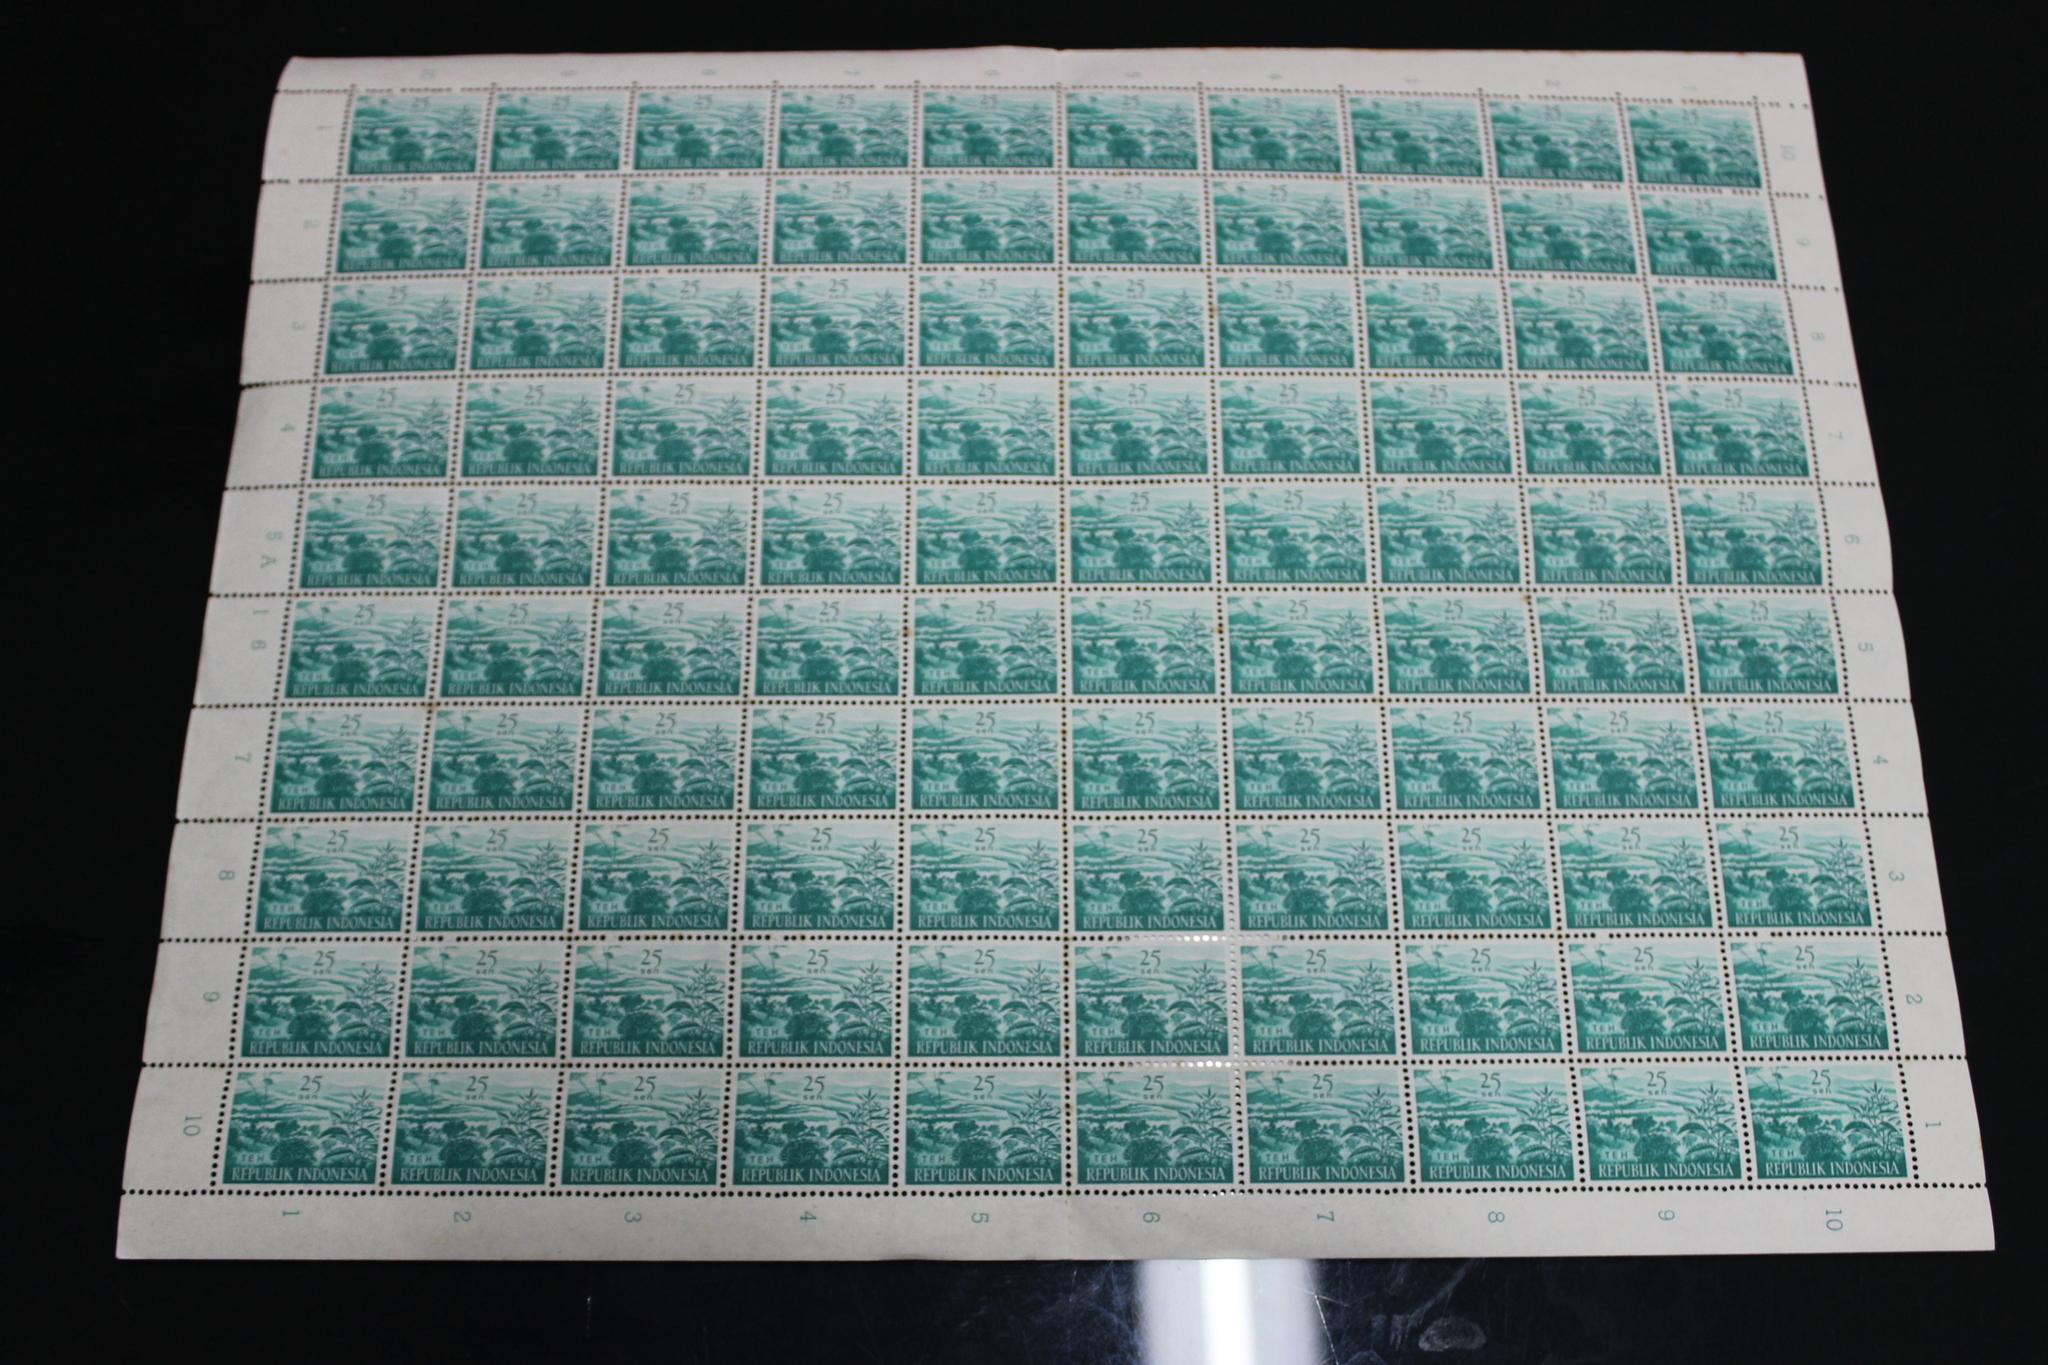 harga Perangko Kuno Lama Full Sheet 25 Sen 1960 (Perkebunan Teh) Tokopedia.com